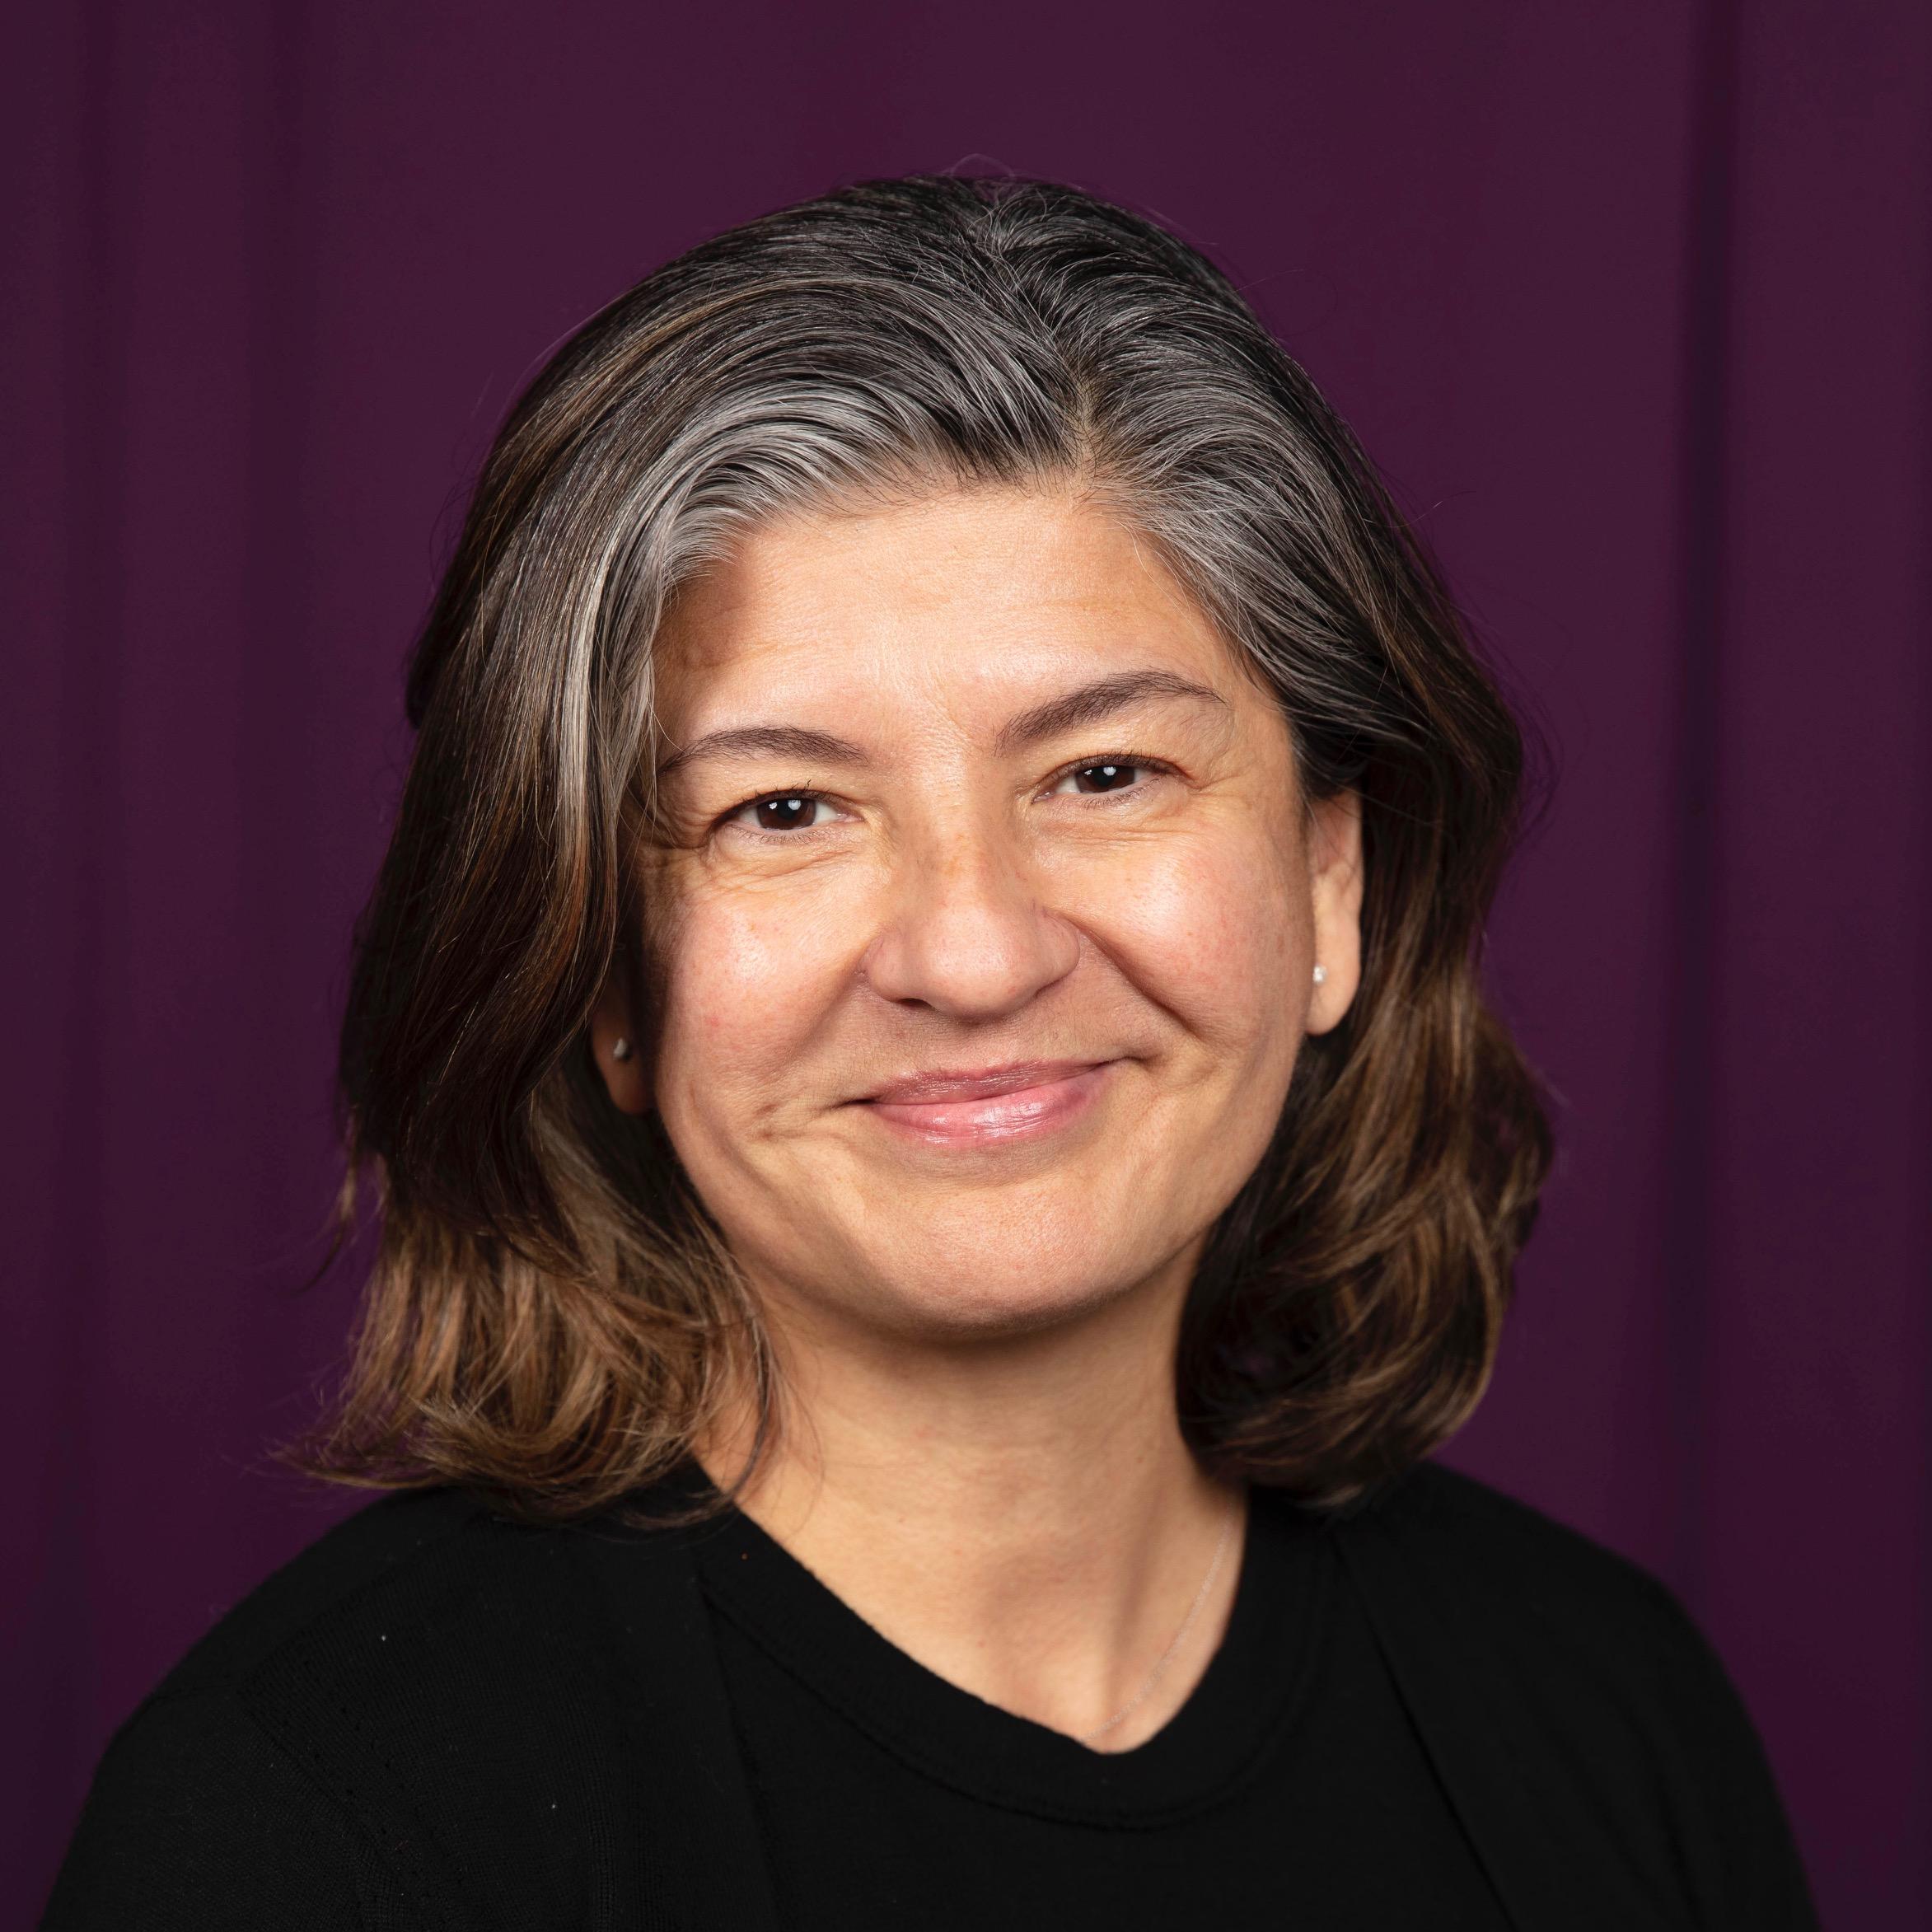 Portrait of Luisa Adrianzen Guyer.